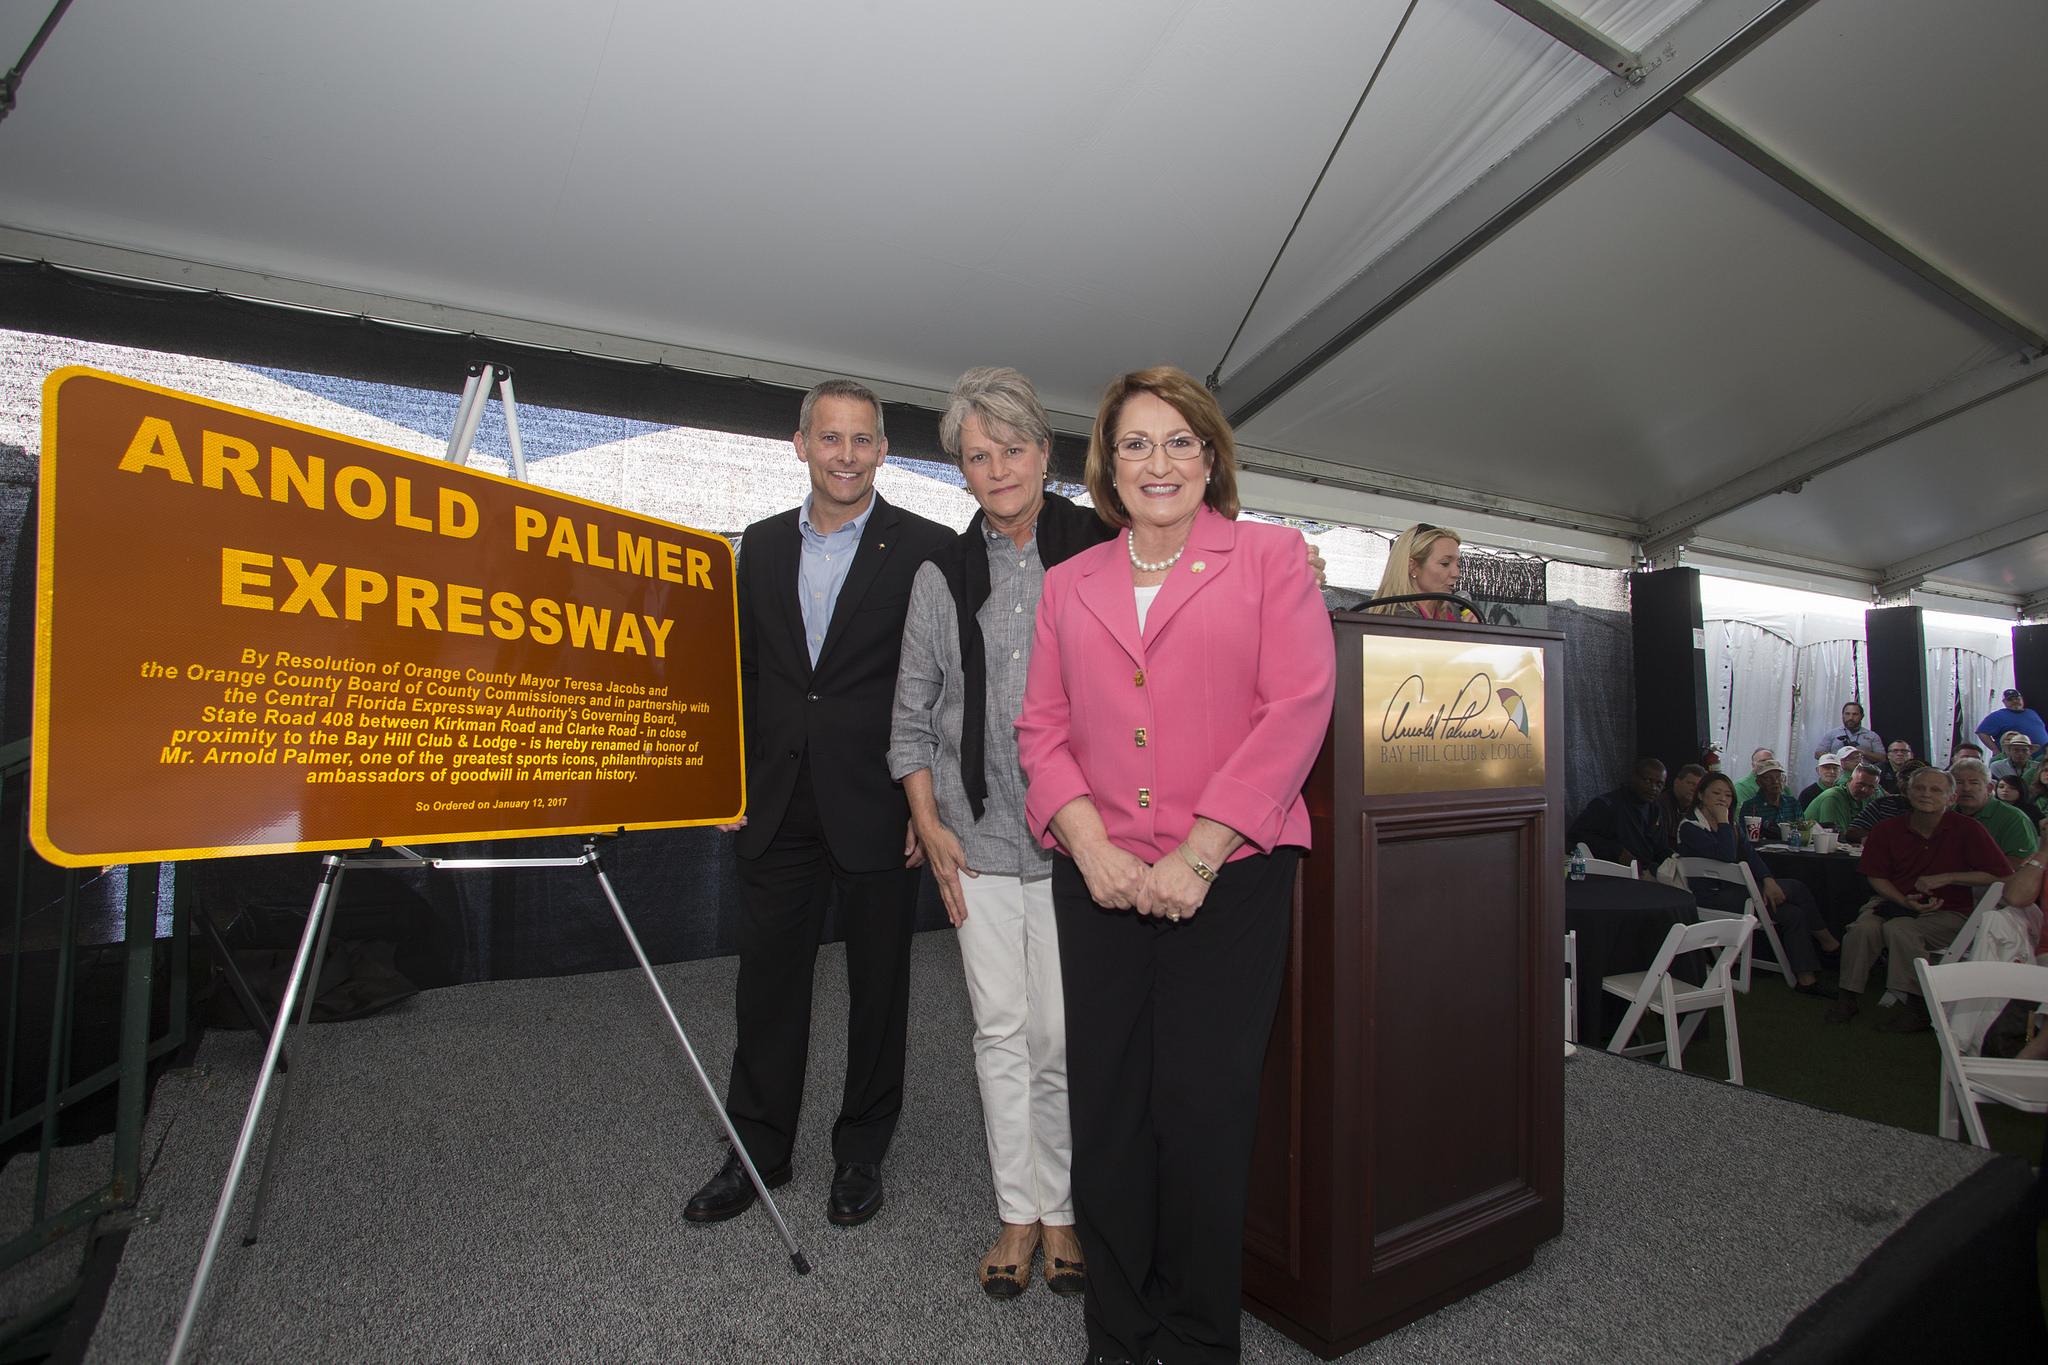 """La Alcaldesa Jacobs junto a dos personas en la presentación del cartel de señalización de la autopista """"Arnold Palmer Expressway"""""""